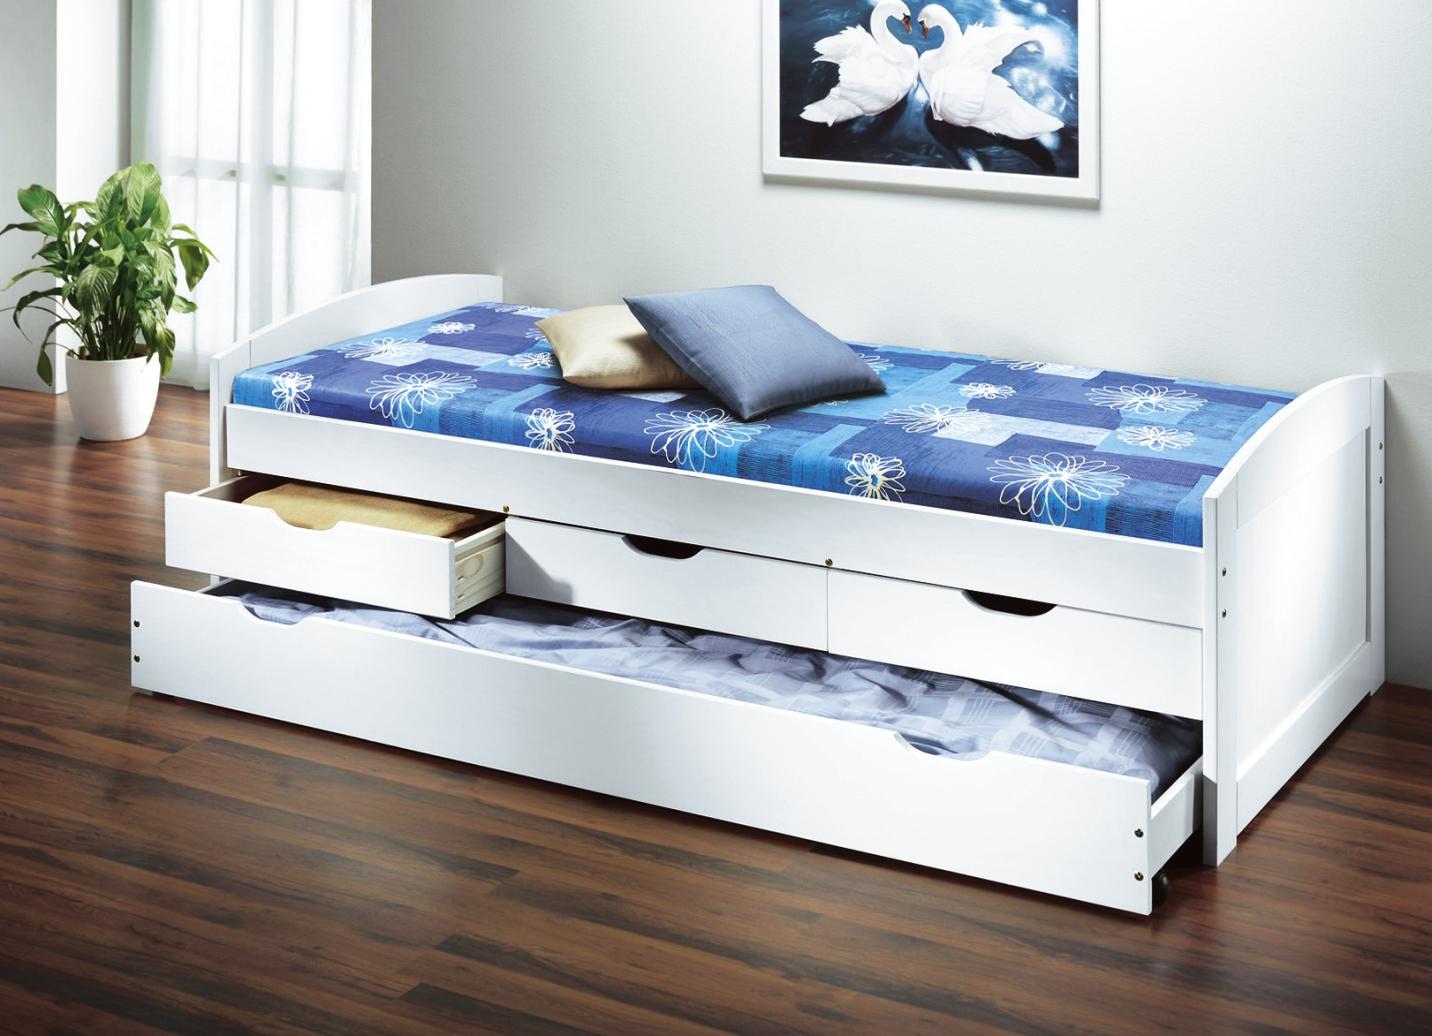 Landhausmöbel Betten - Design